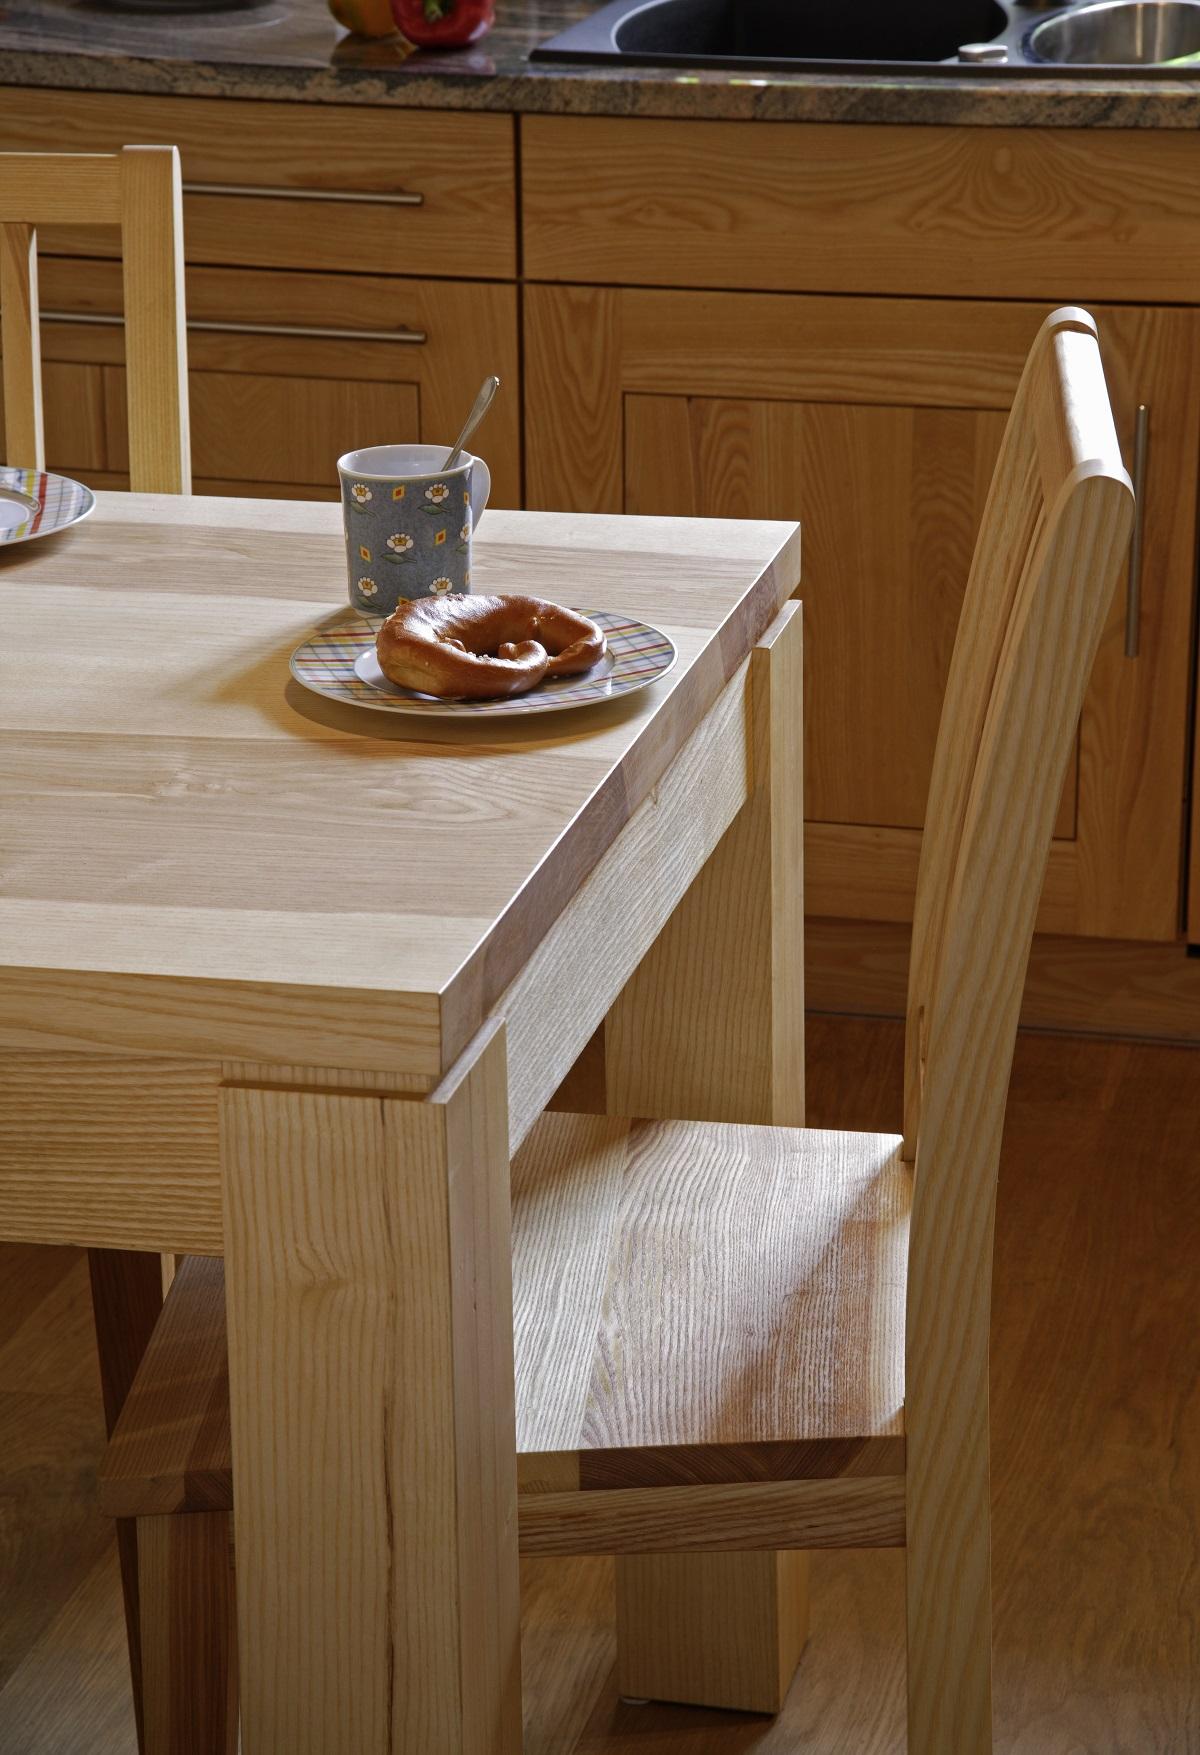 küchen esche küche bild 7 ? manuform - Esche Küche